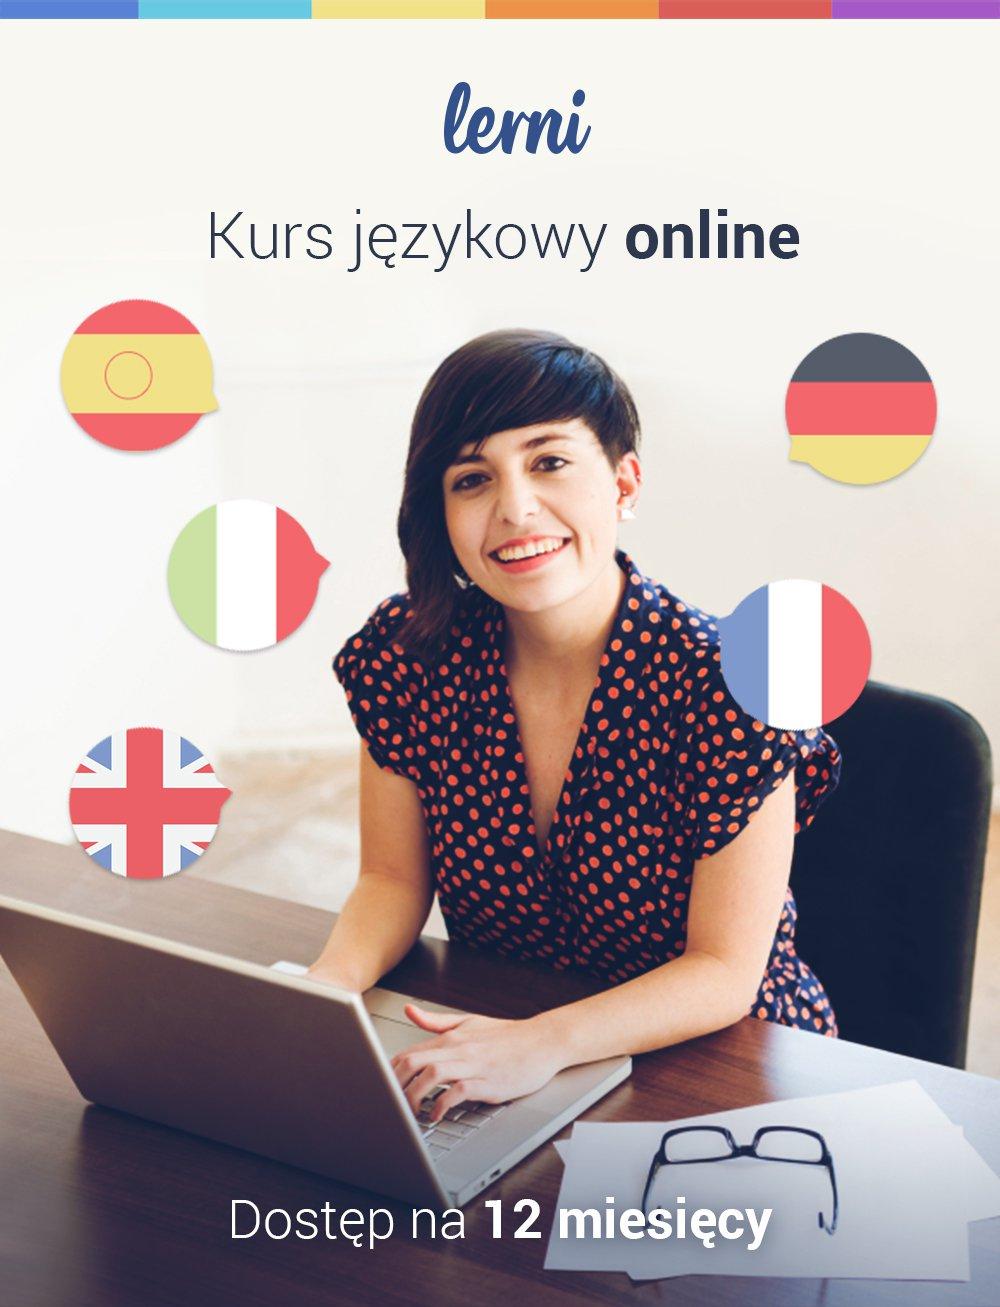 Kurs języków obcych Lerni.us - 12 miesięcy dostępu do nauki - Aplikacja do pobrania